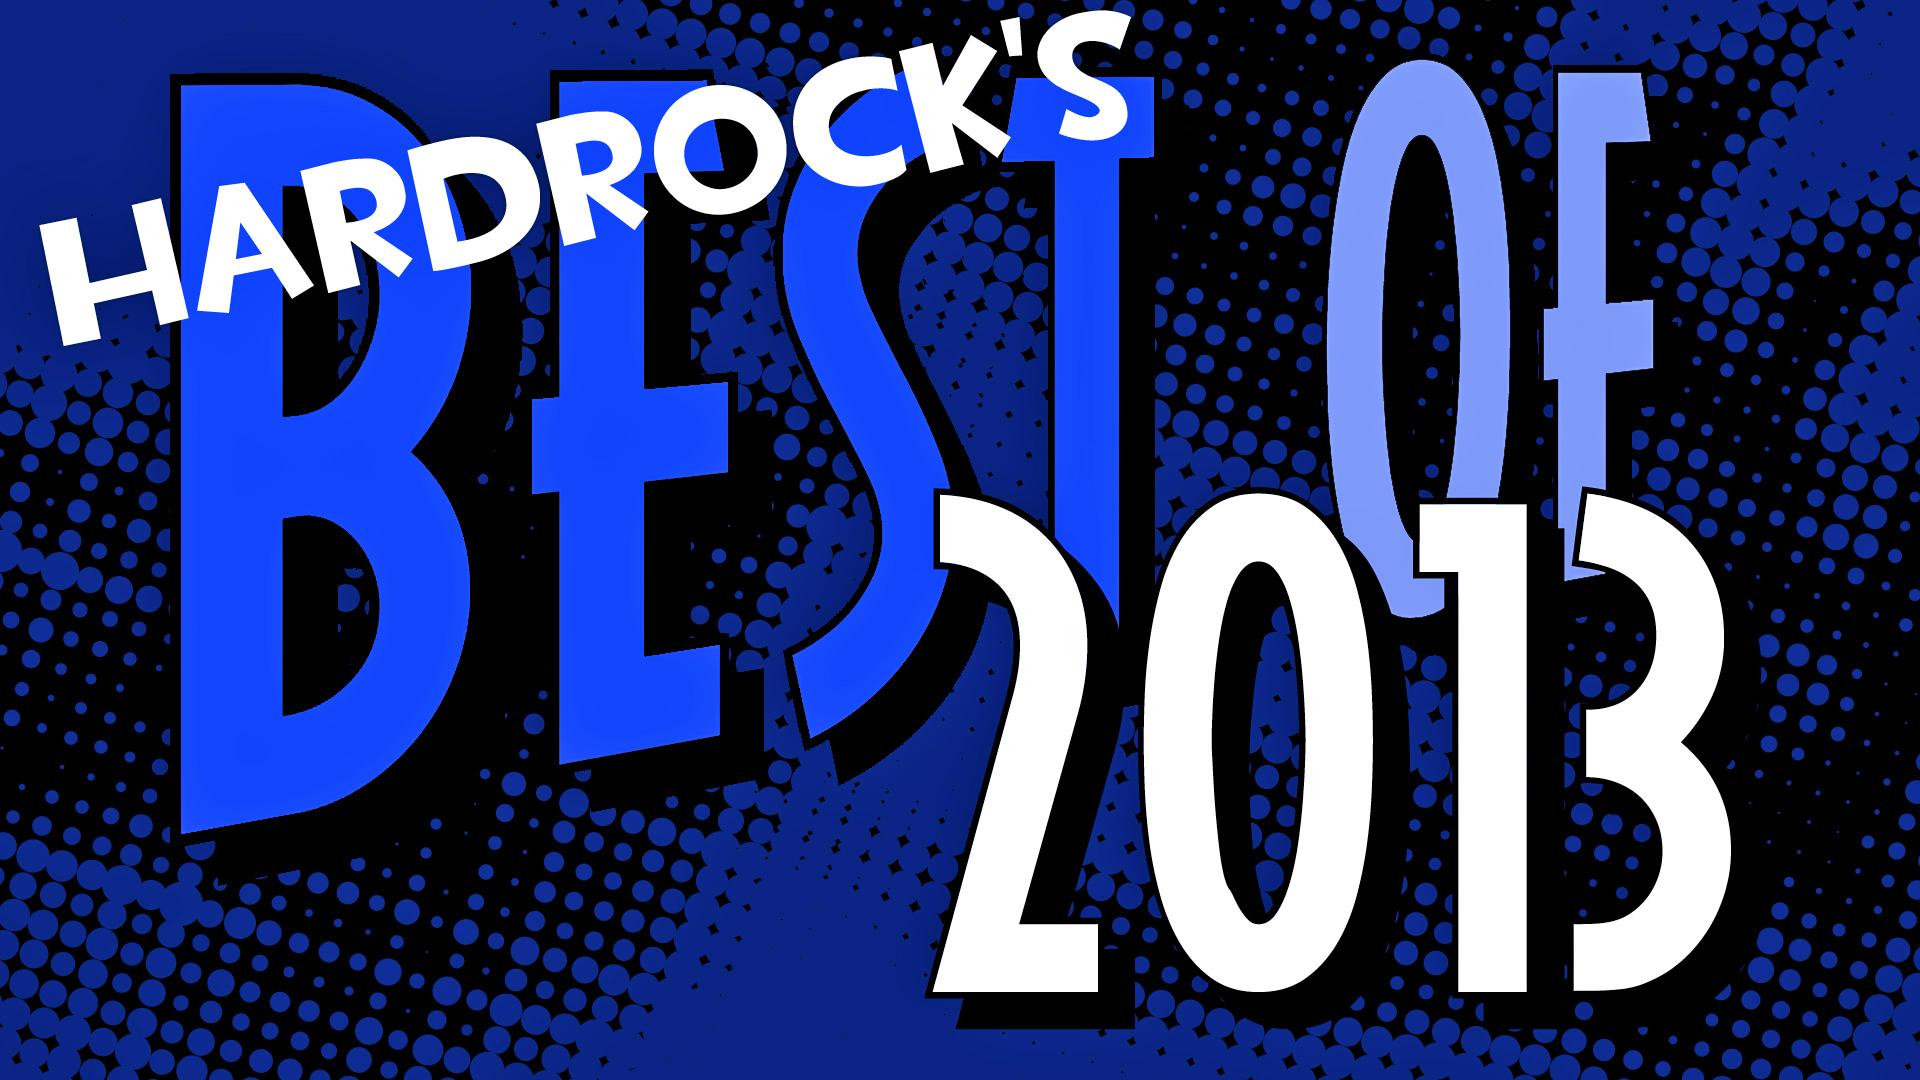 Best of 2013 01